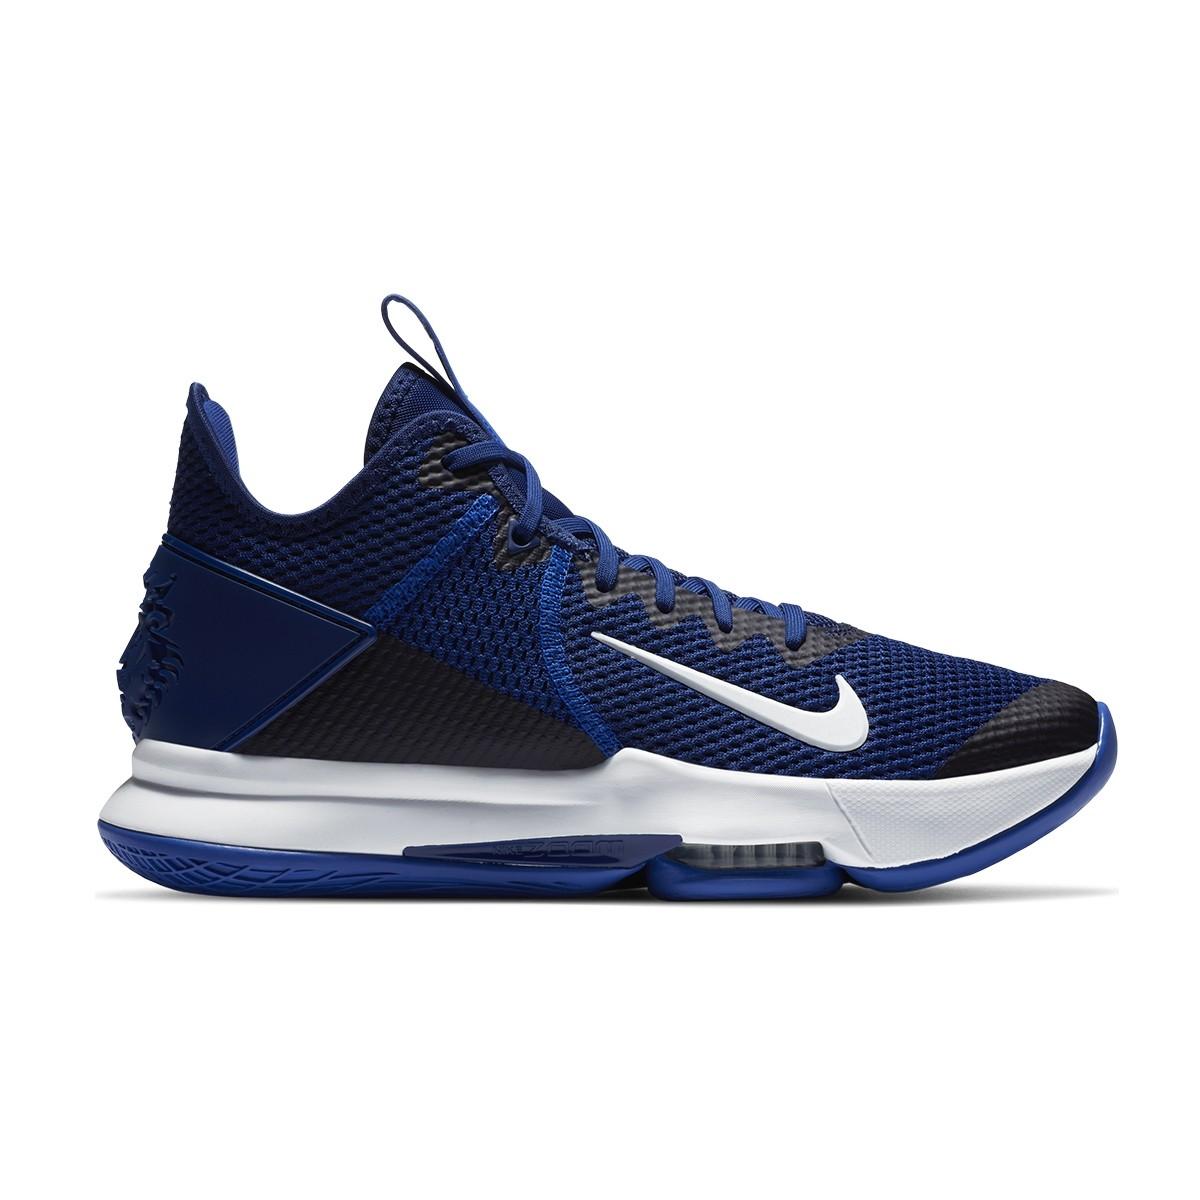 Nike Lebron Witness IV 'Royal Blue'